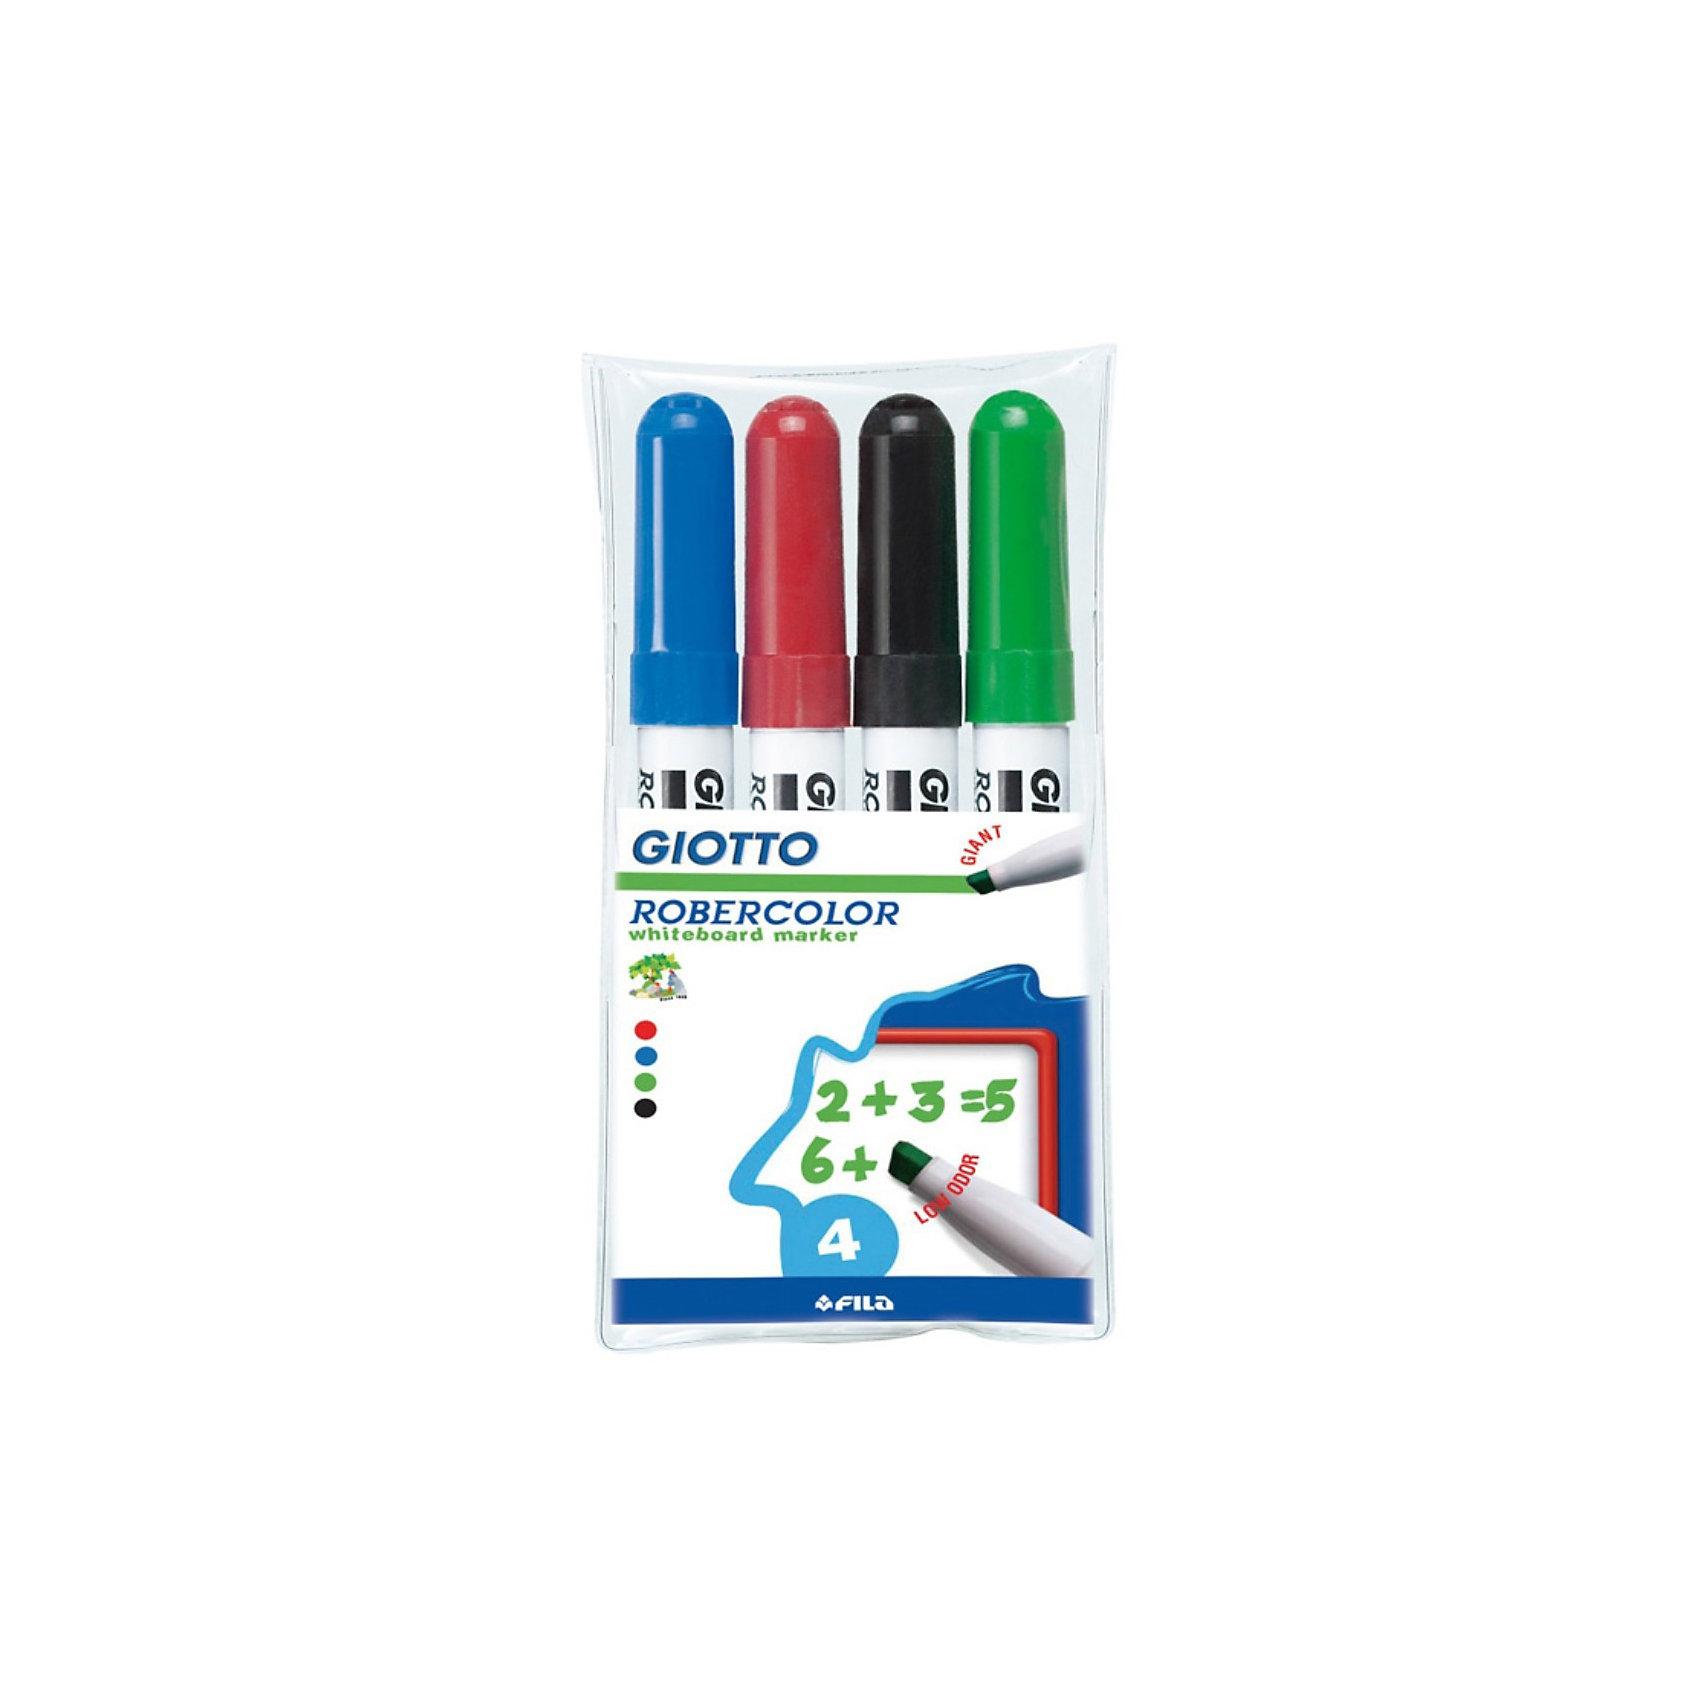 Набор маркеров для белой доски со скошенным толстым наконечником 4шт.Рисование<br>Набор маркеров для белой доски со скошенным толстым наконечником и быстросохнущими чернилами. Яркие цвета. Легко стираются с поверхности доски. 4шт в блистере.<br><br>Ширина мм: 92<br>Глубина мм: 159<br>Высота мм: 25<br>Вес г: 84<br>Возраст от месяцев: 36<br>Возраст до месяцев: 1188<br>Пол: Унисекс<br>Возраст: Детский<br>SKU: 3322936